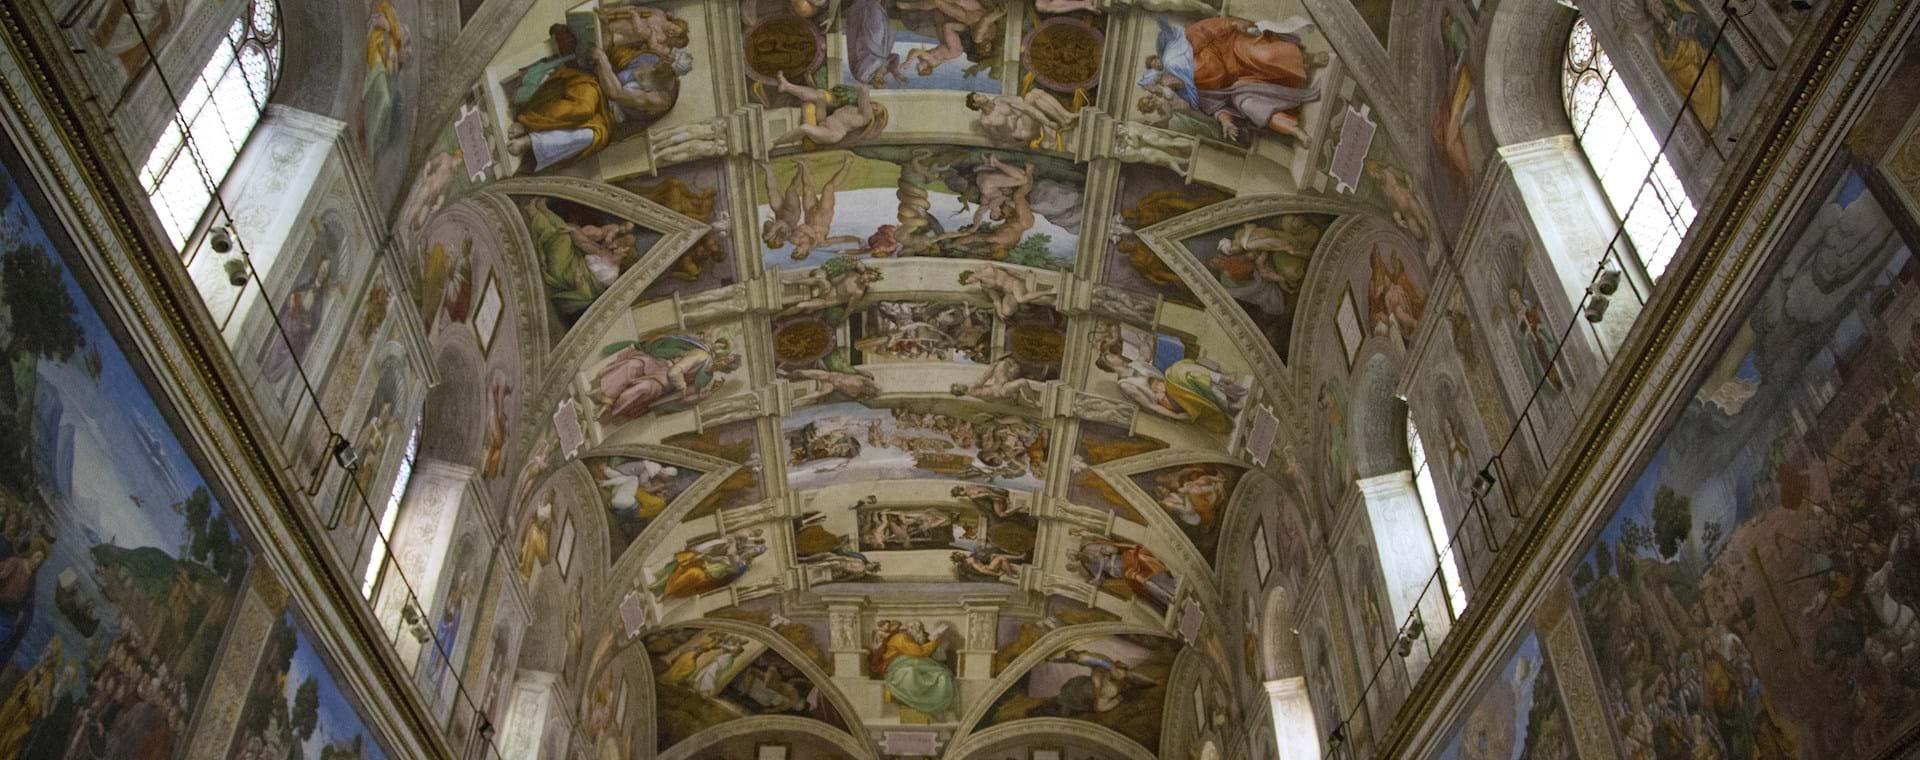 Visite Privée du Musée du Vatican, Chapelle Sixtine & de la Basilique Saint-Pierre